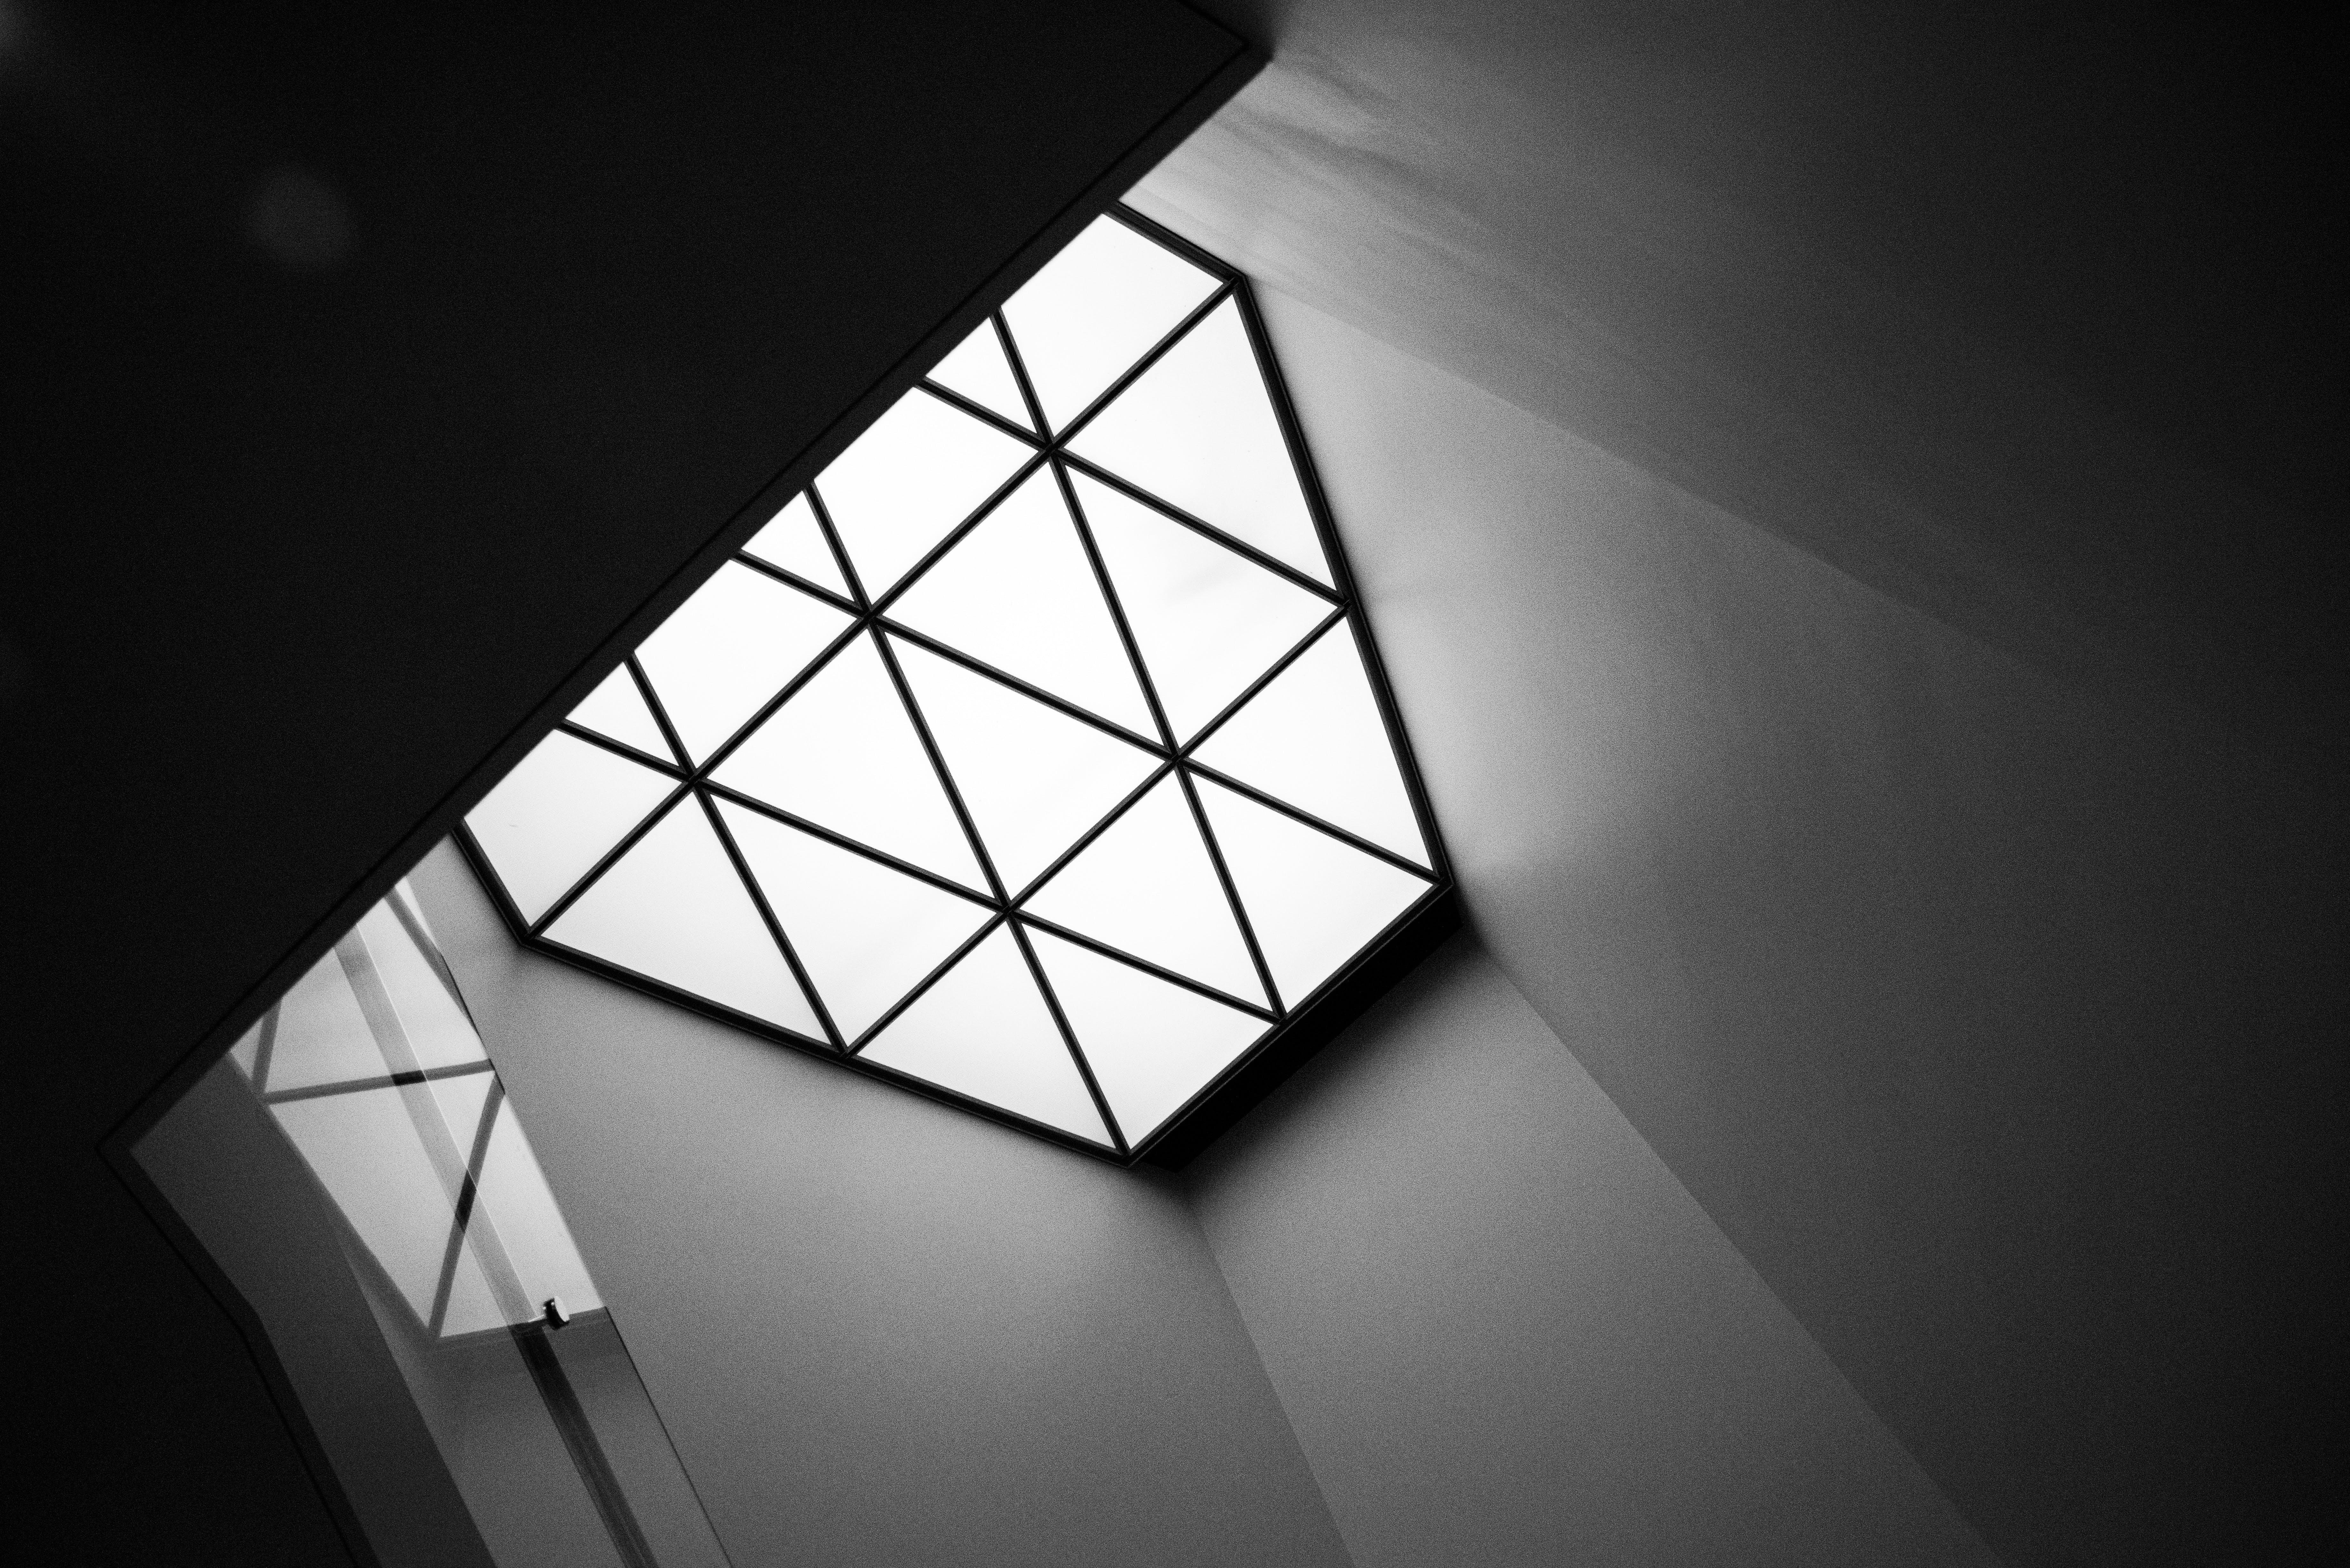 Fotos de stock gratuitas de arquitectura moderna, Arte, blanco y negro, diseñar